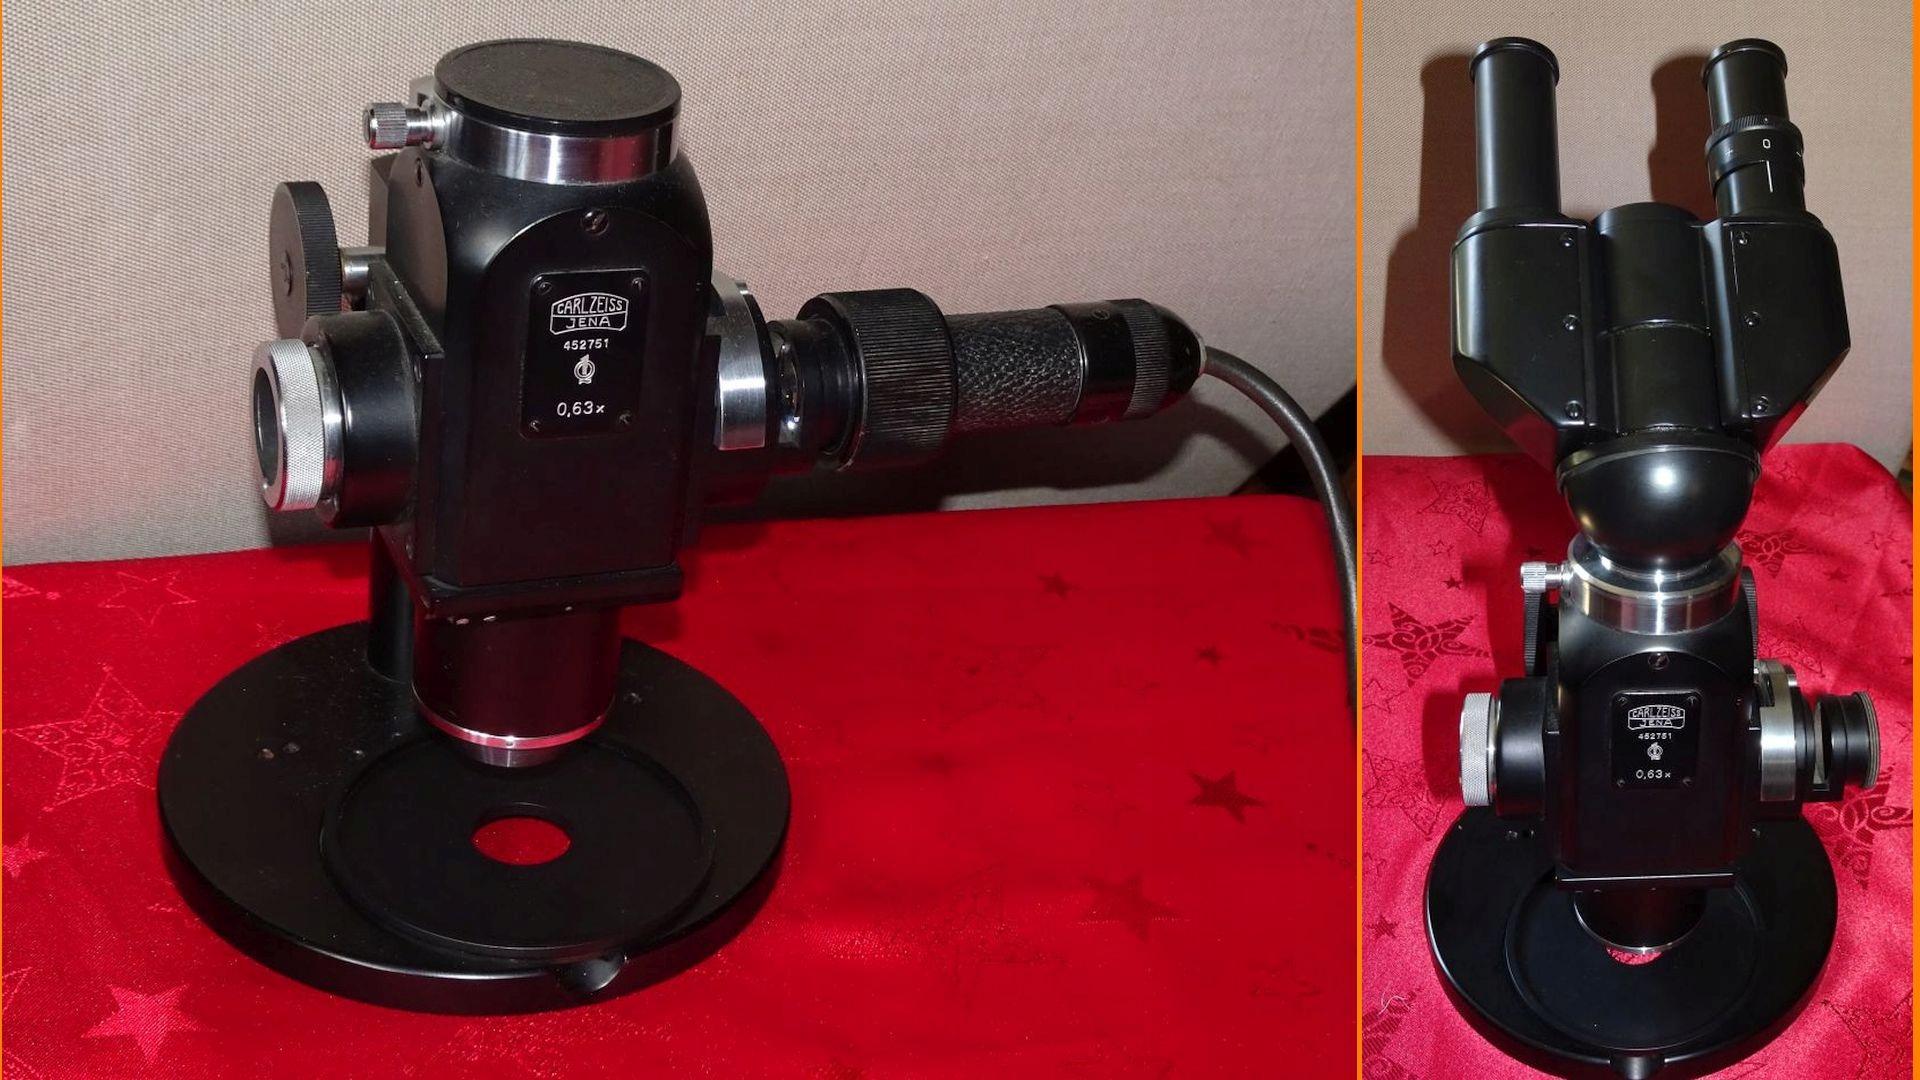 Profesjonalny mikroskop epignost carl zeiss jena